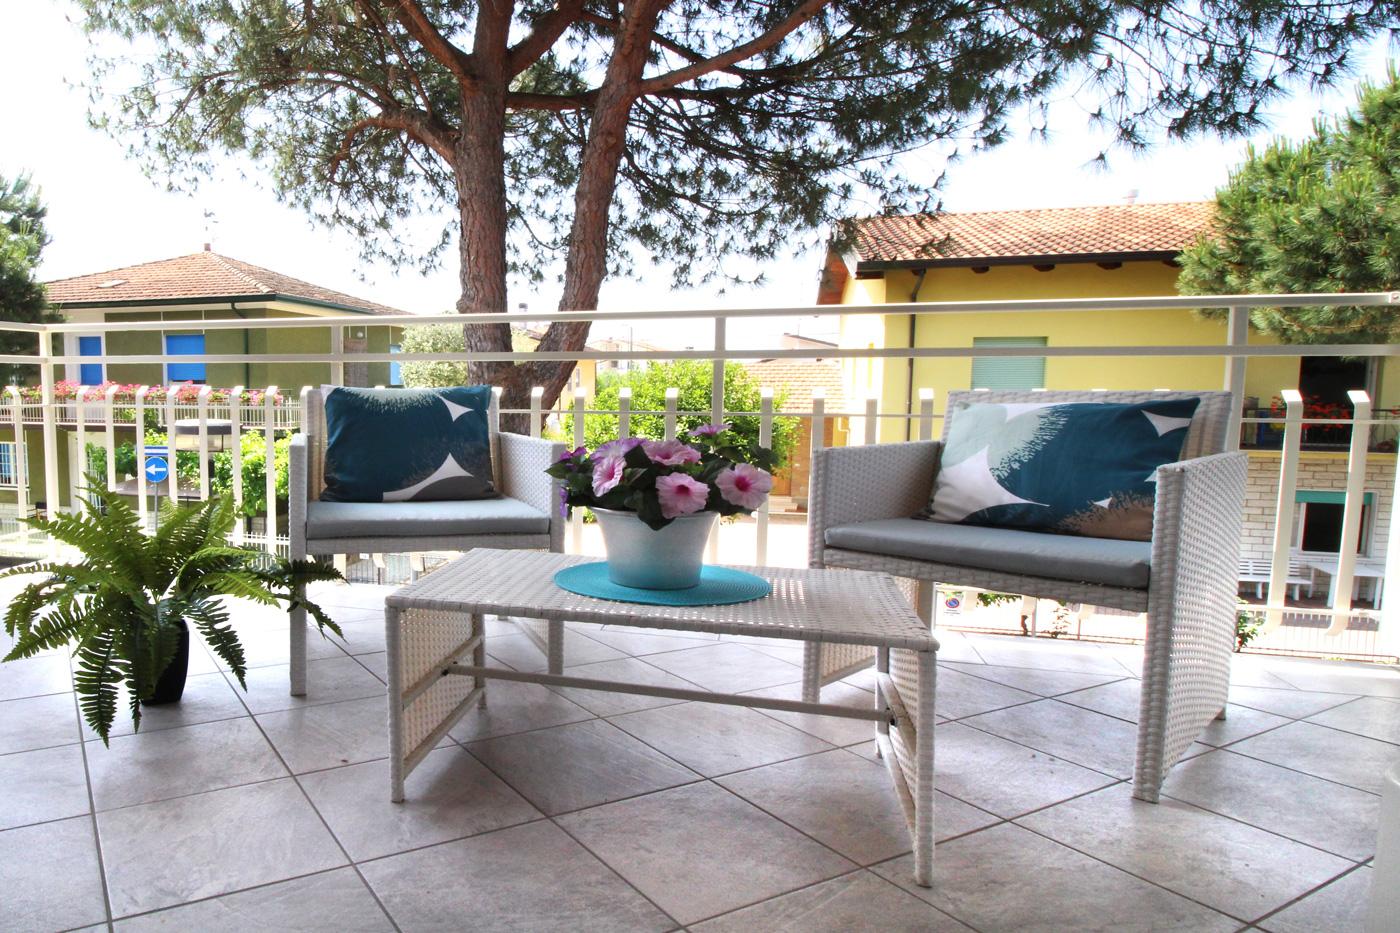 Appartamento sabrina romagna case vacanze-IMG_8800